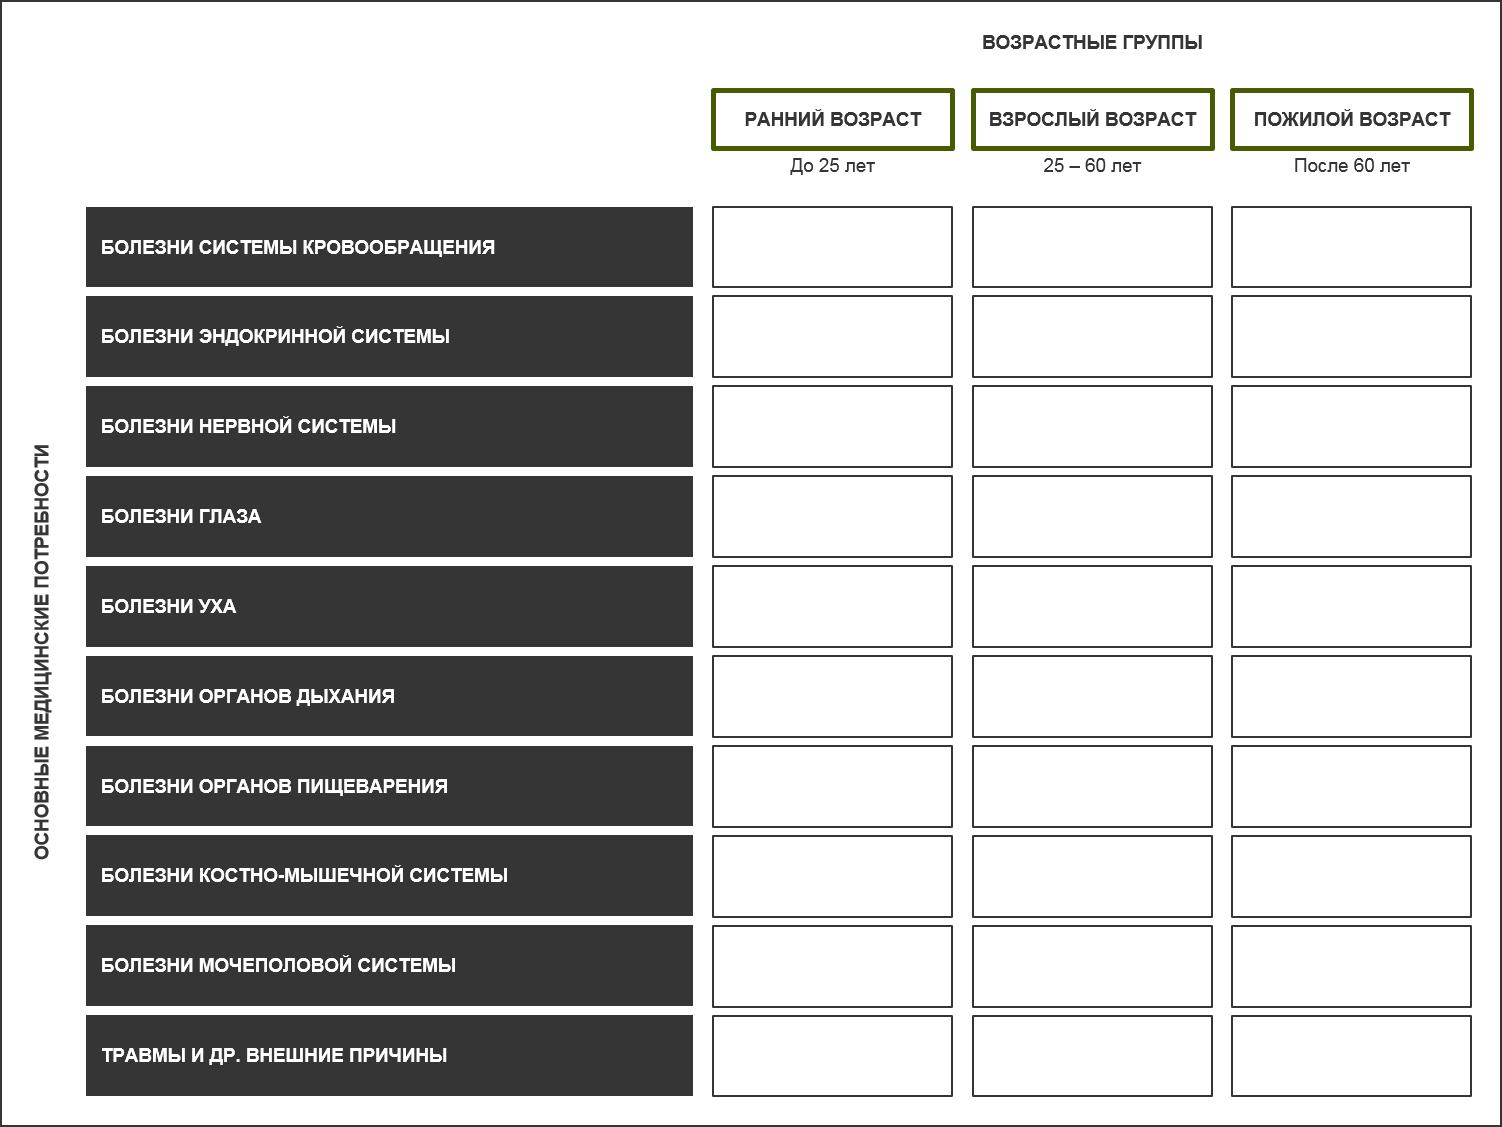 В этом упрощенном примере рыночной матрицы каждаяклетка представляет потенциальную нишудля роста бизнеса (например, частной клиники).